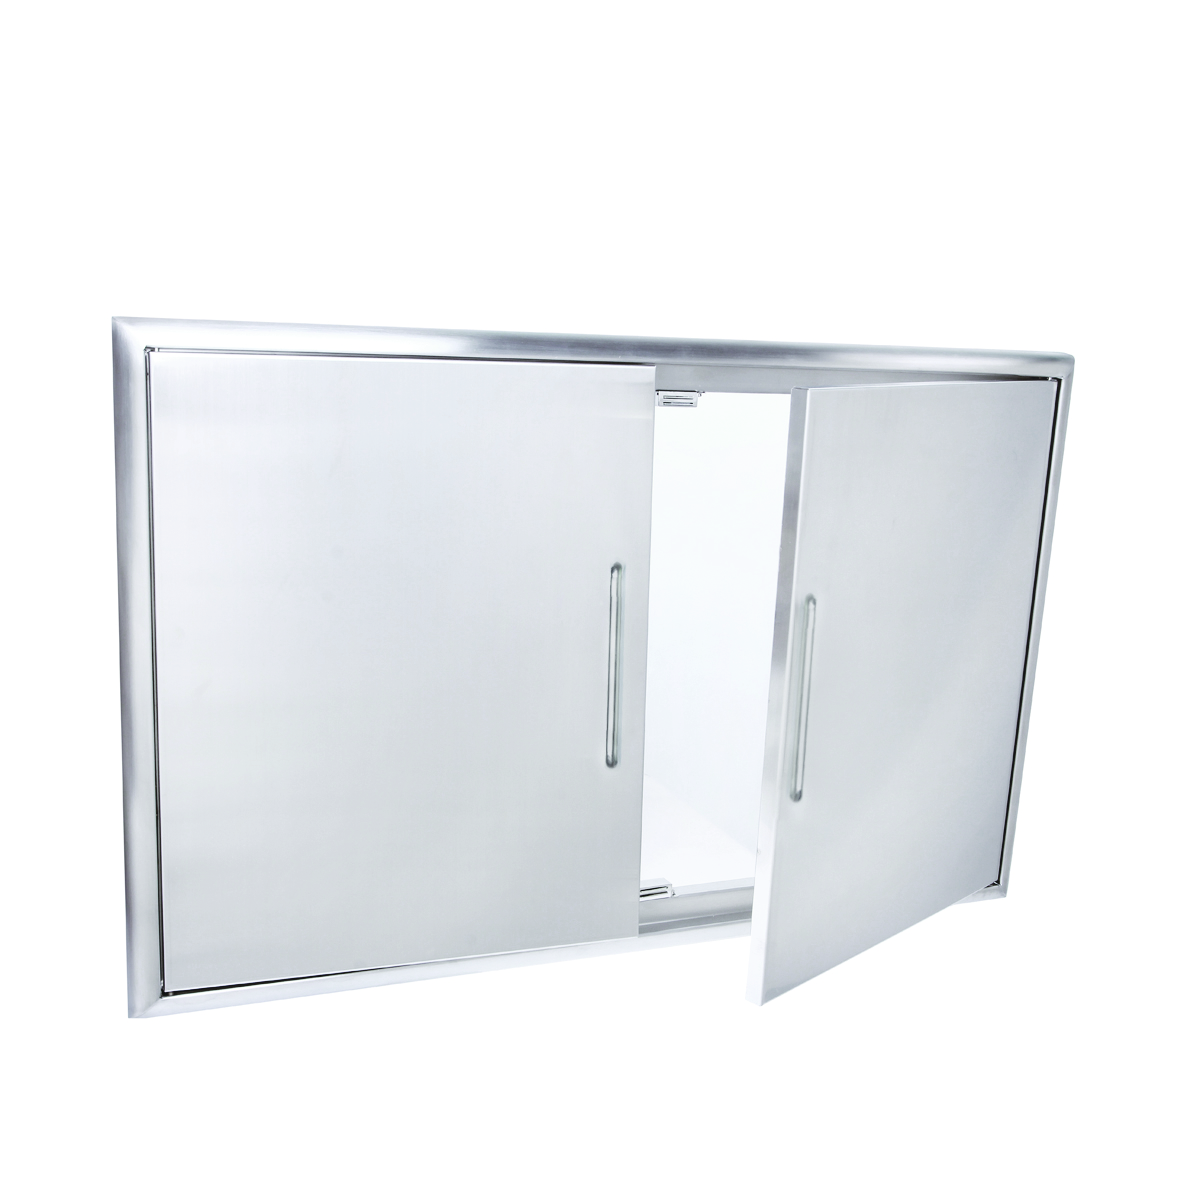 new_LW_24x39_double_door_1819__27685.1435748080.1280.1280